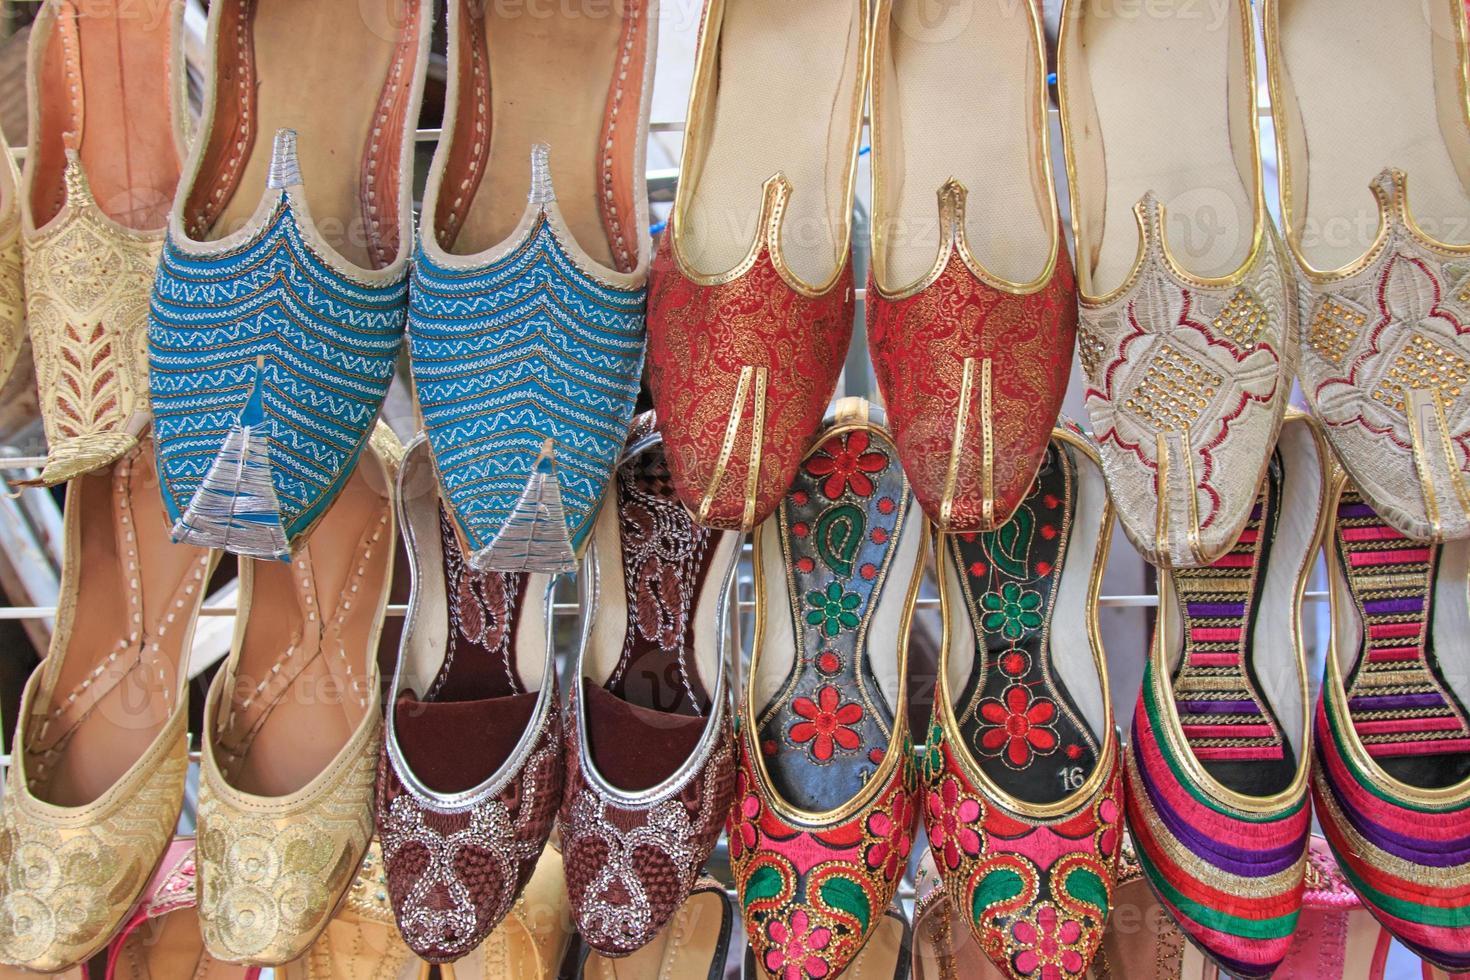 pantoufles arabes photo